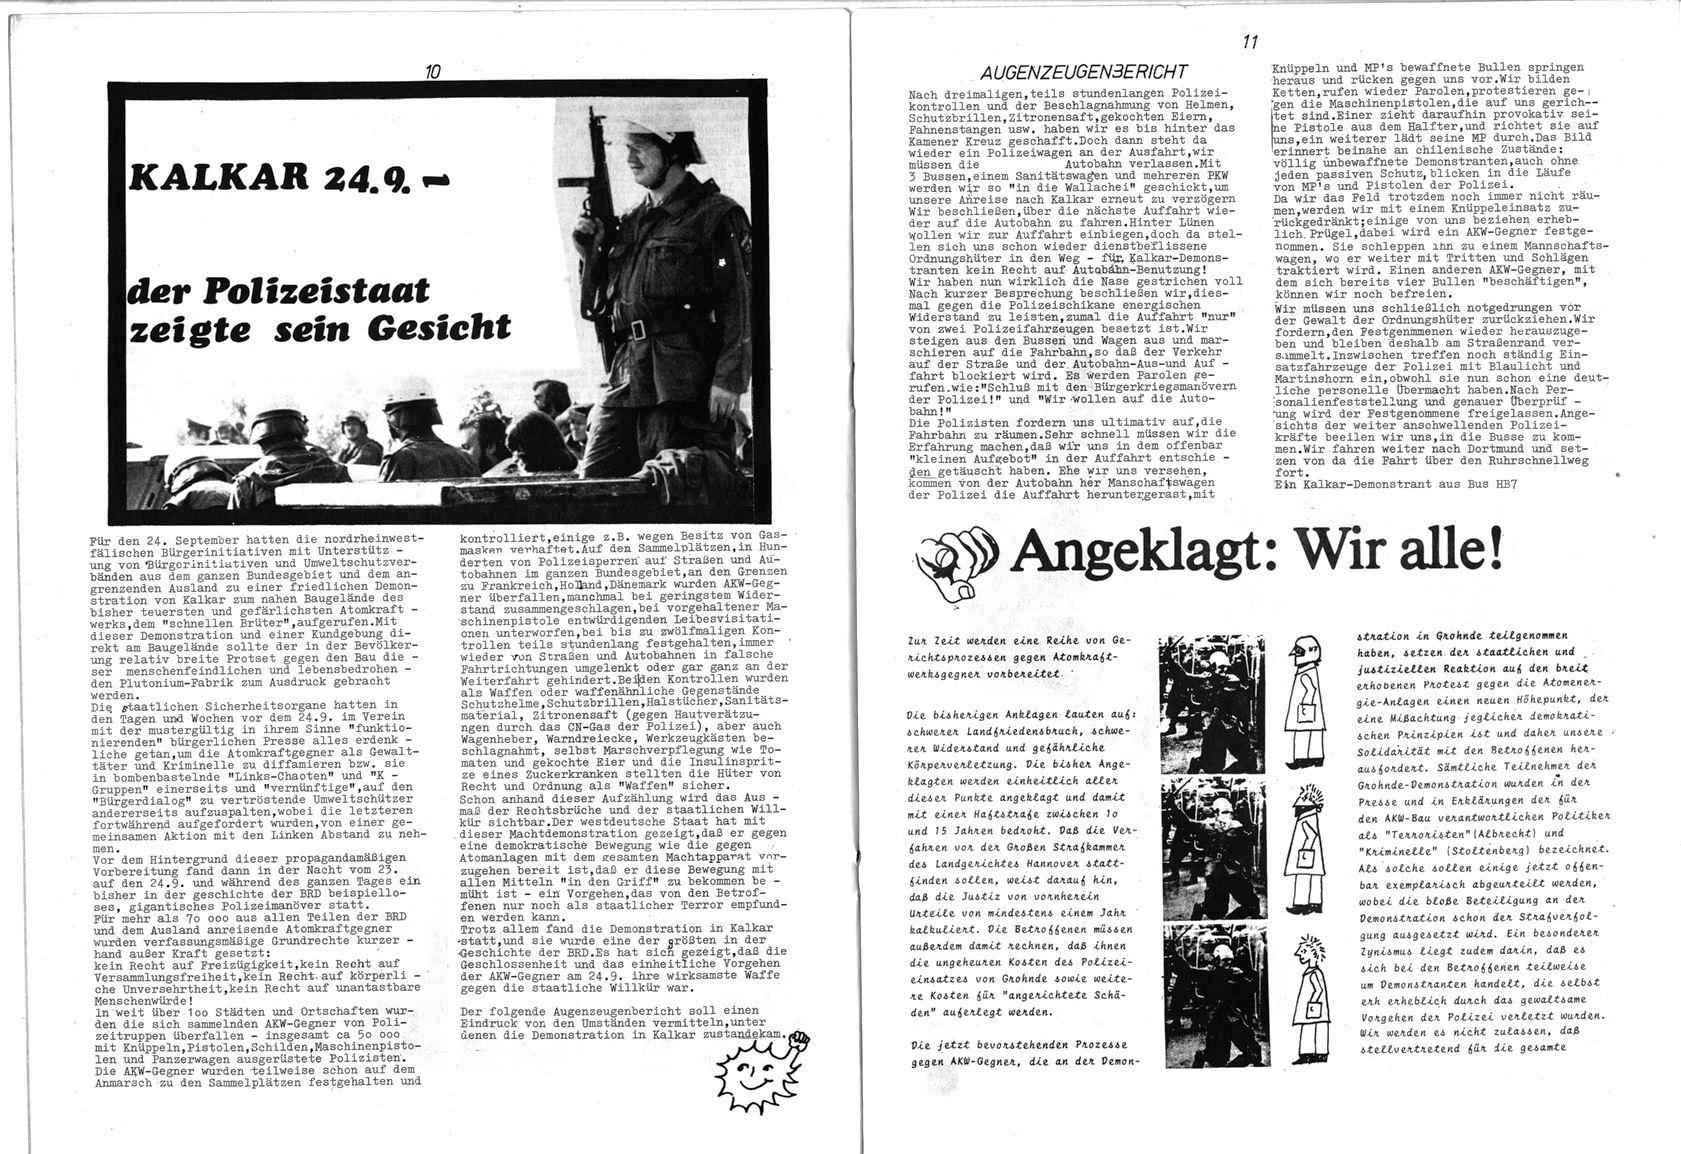 Bremen_Politische_Unterdrueckung_007